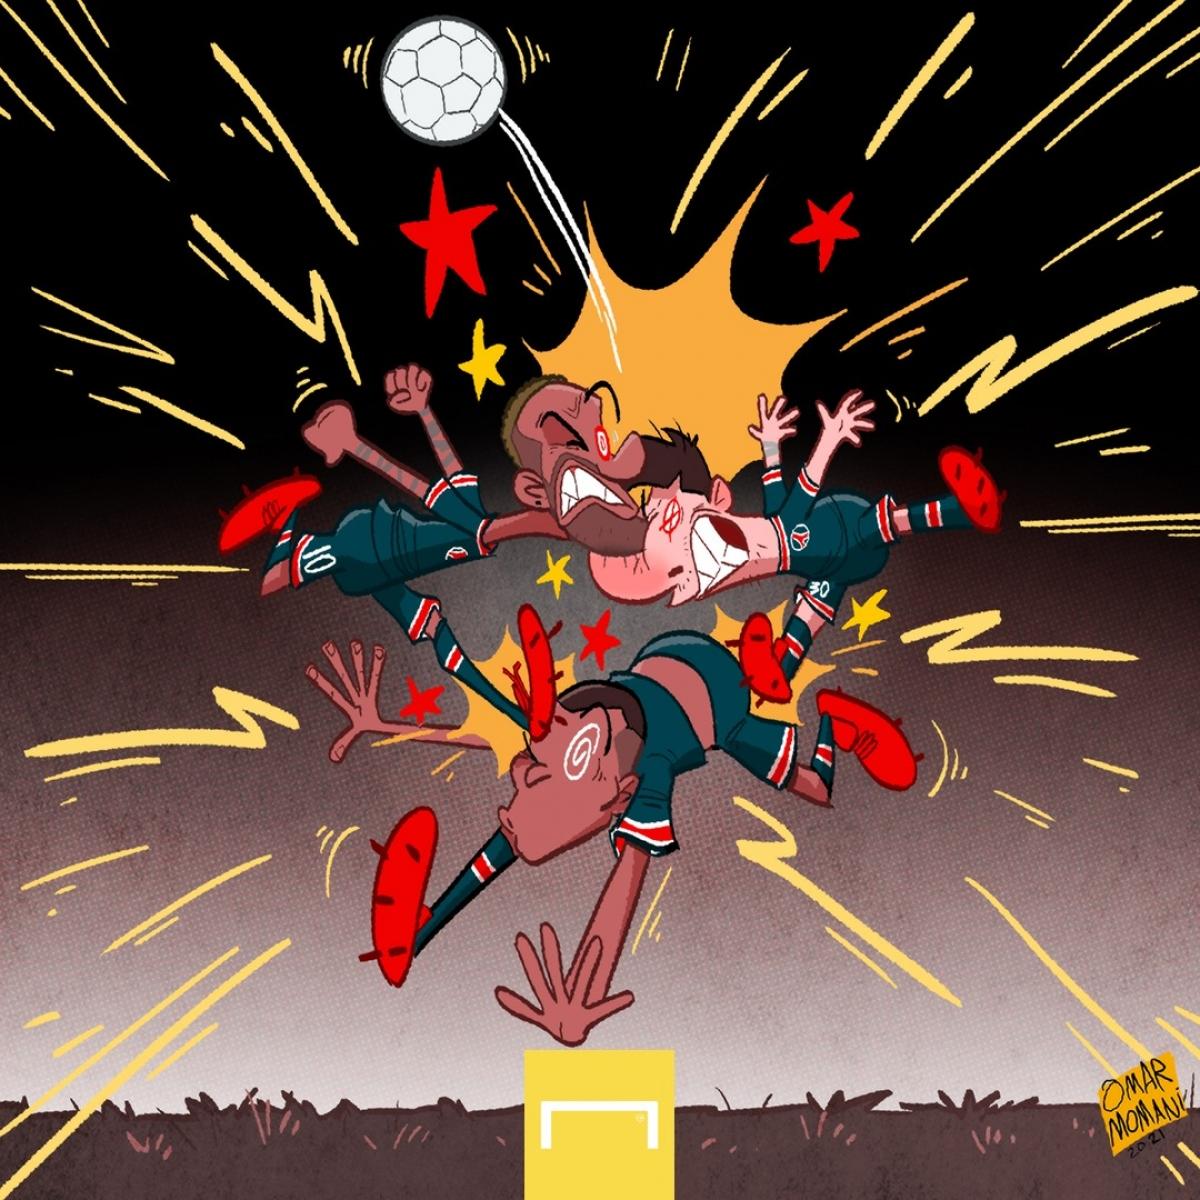 Messi - Neymar - Mbappe không thể chơi bóng cùng nhau. (Ảnh: Omar Momani)